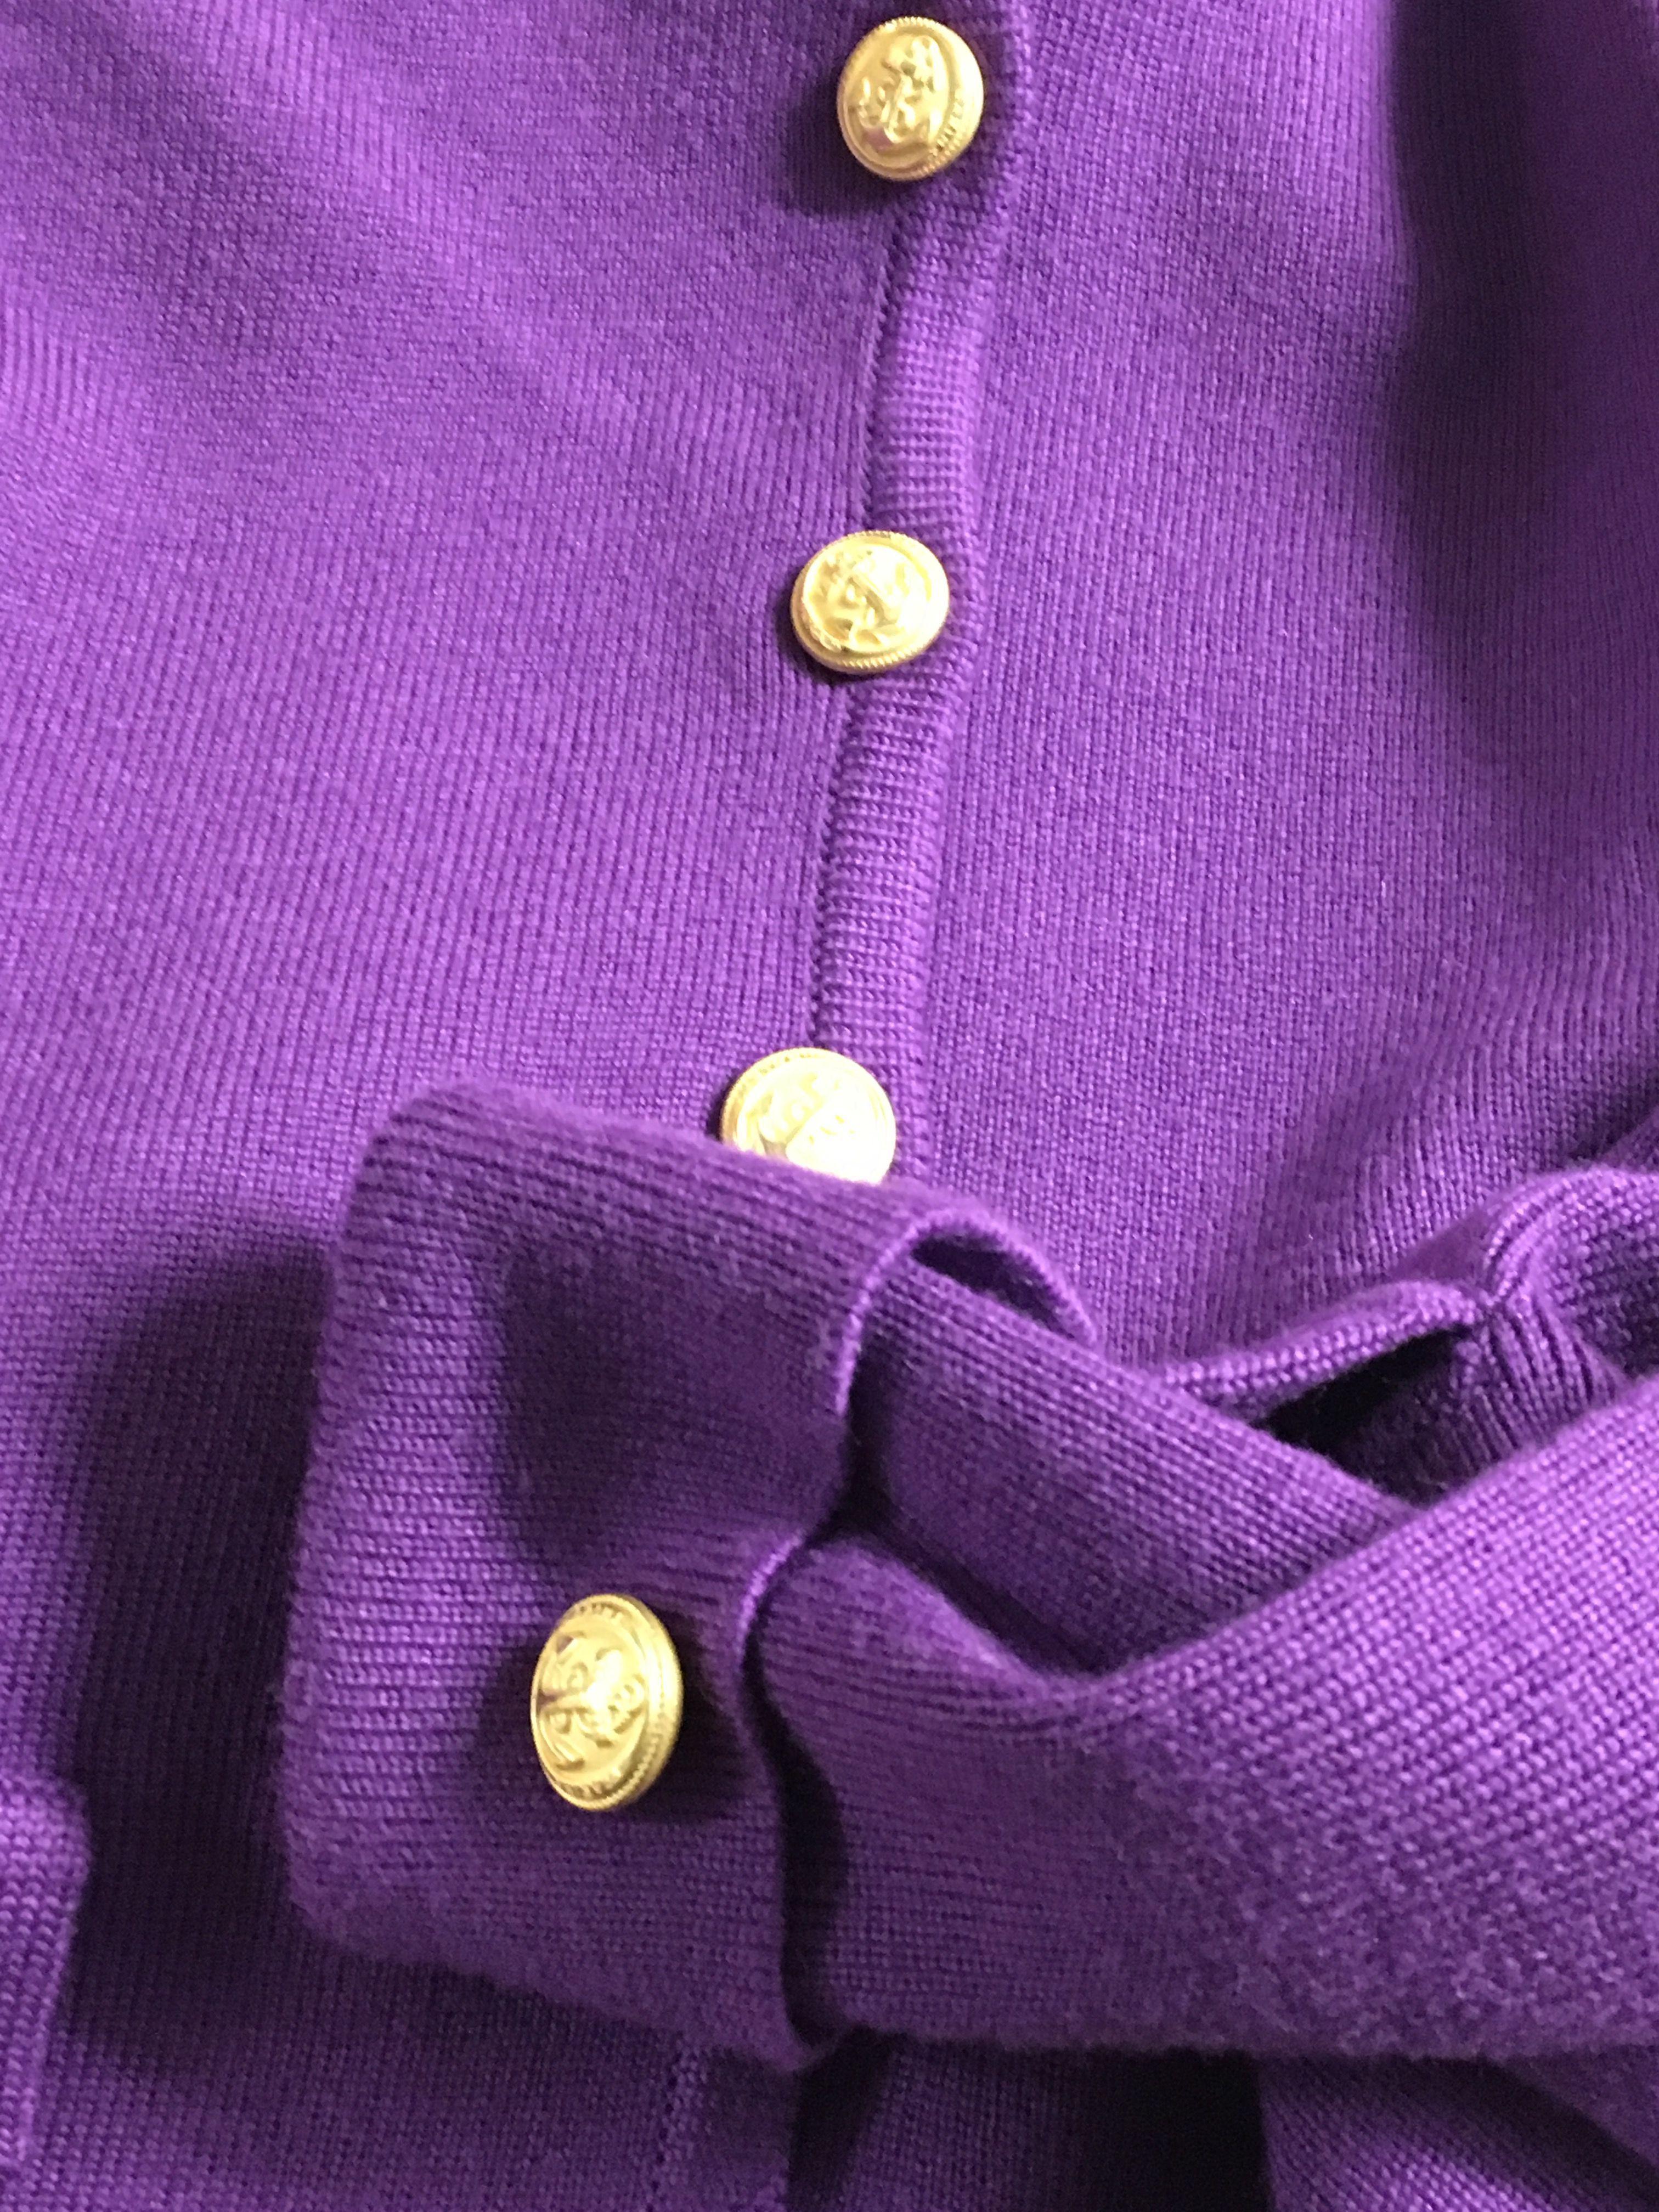 Vestes - Cardigan en laine